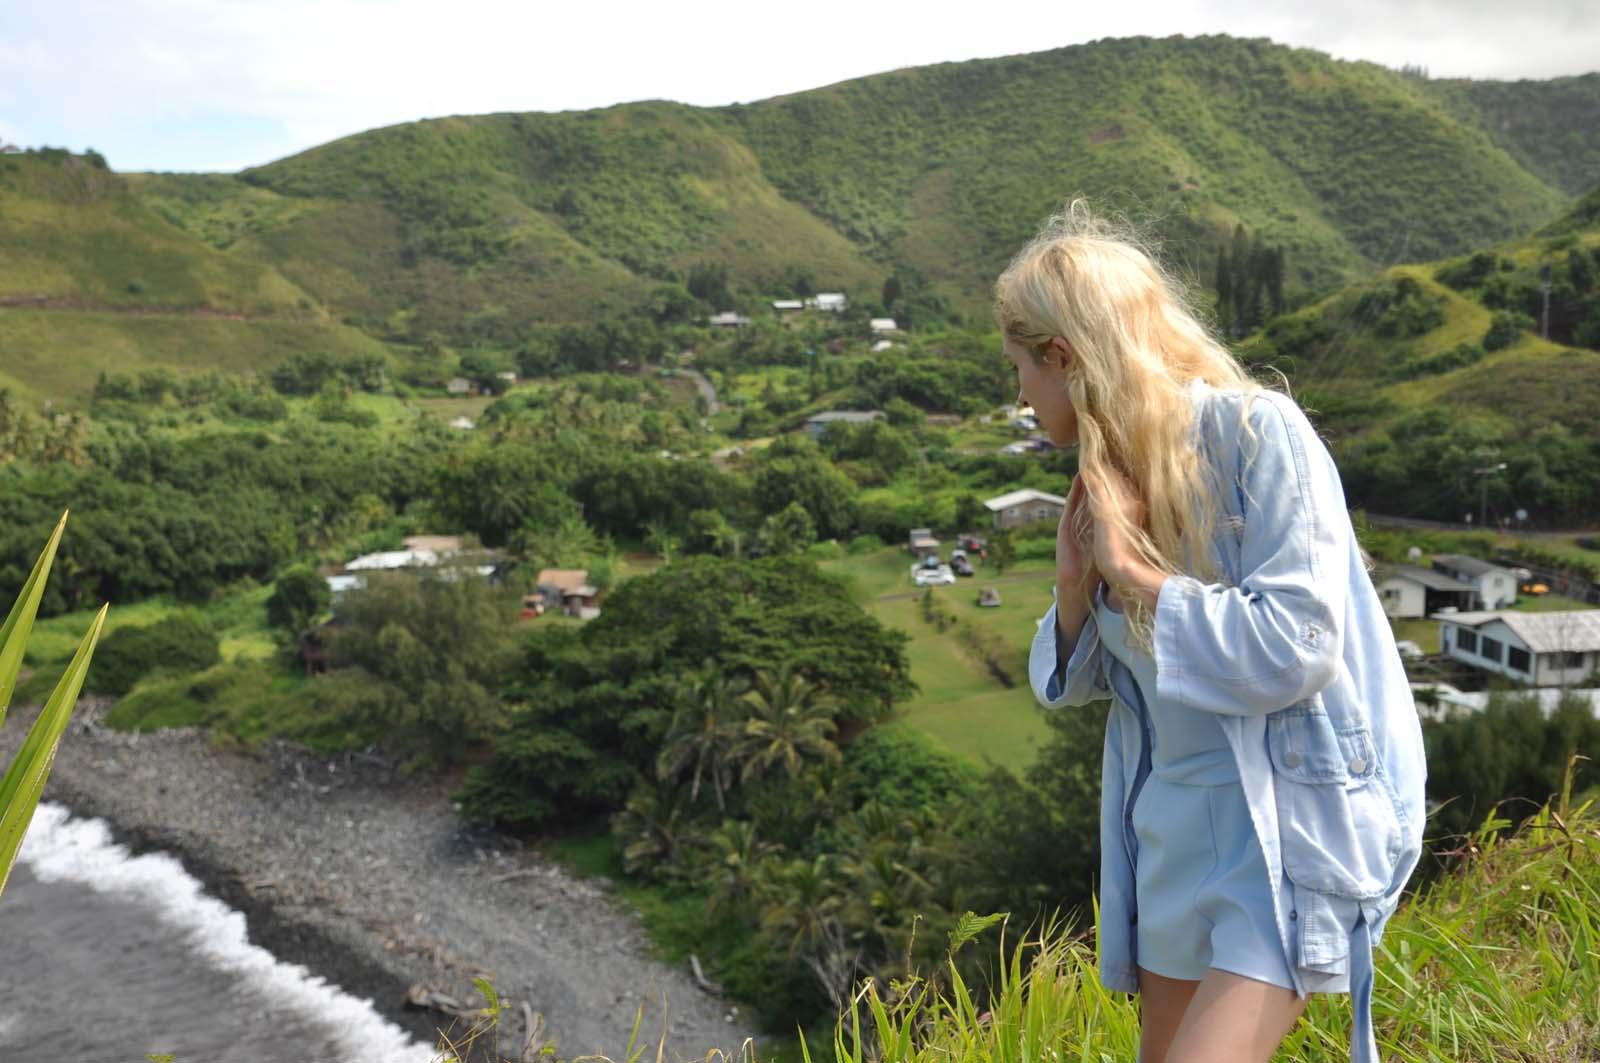 030_west_coast_maui_hawaii